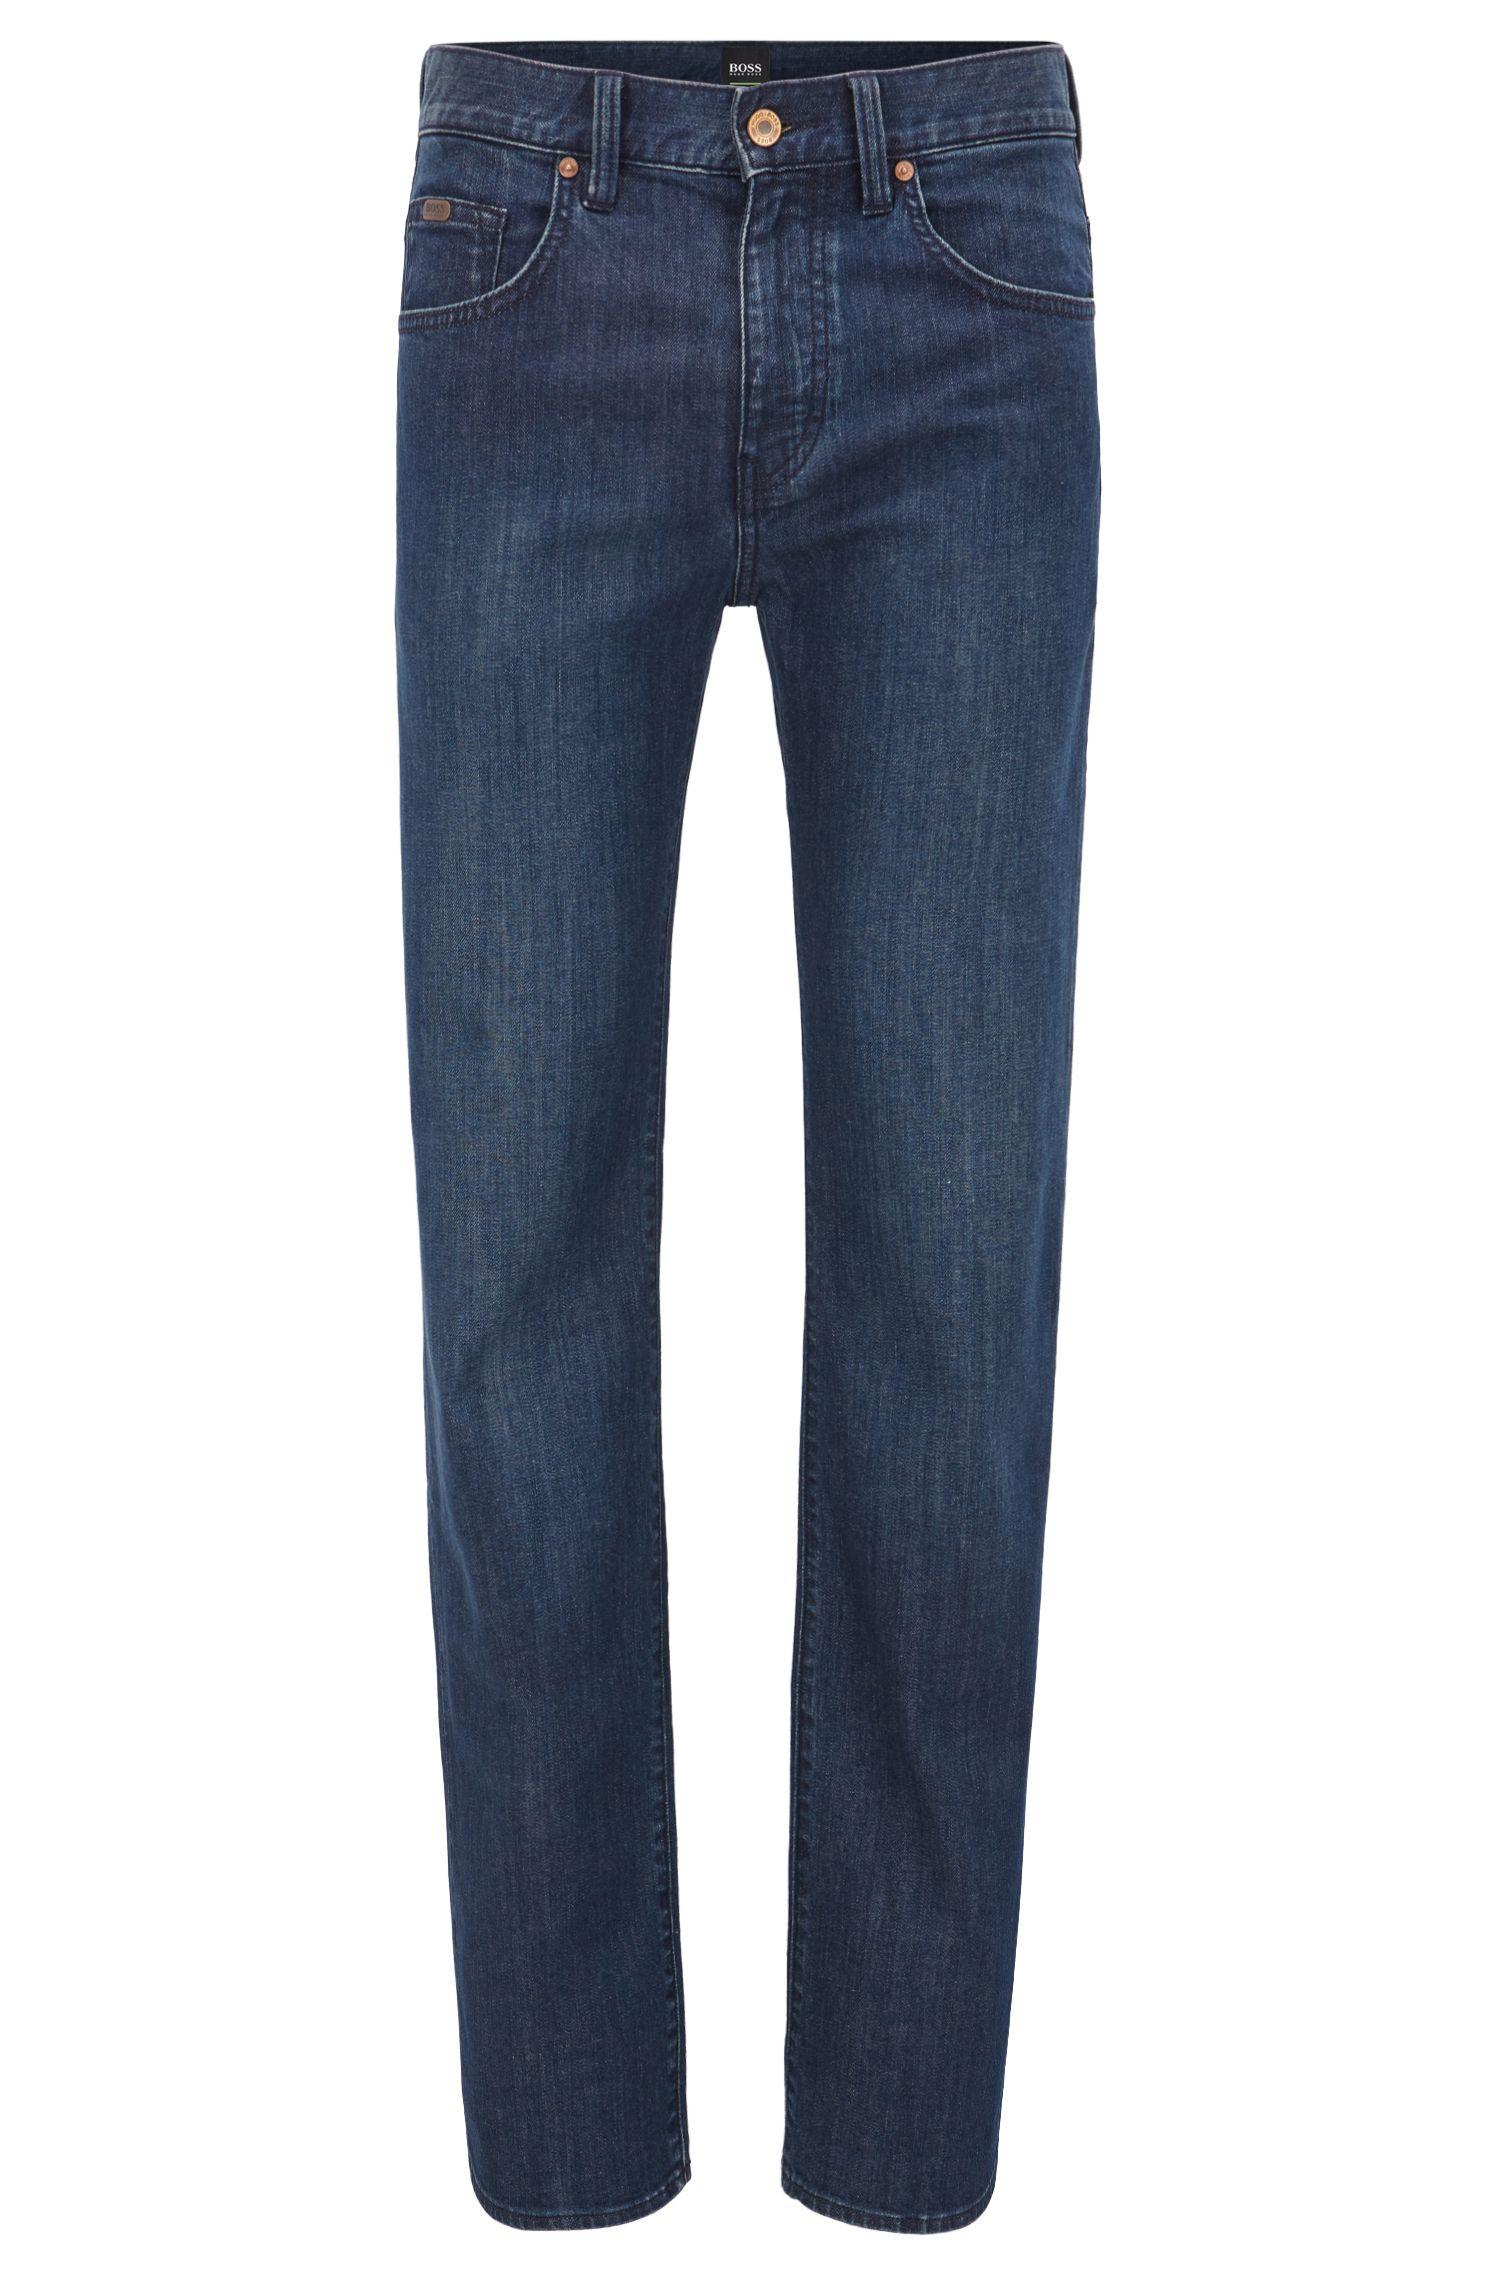 Relaxed-Fit Jeans aus Stretch-Denim mit geradem Beinverlauf